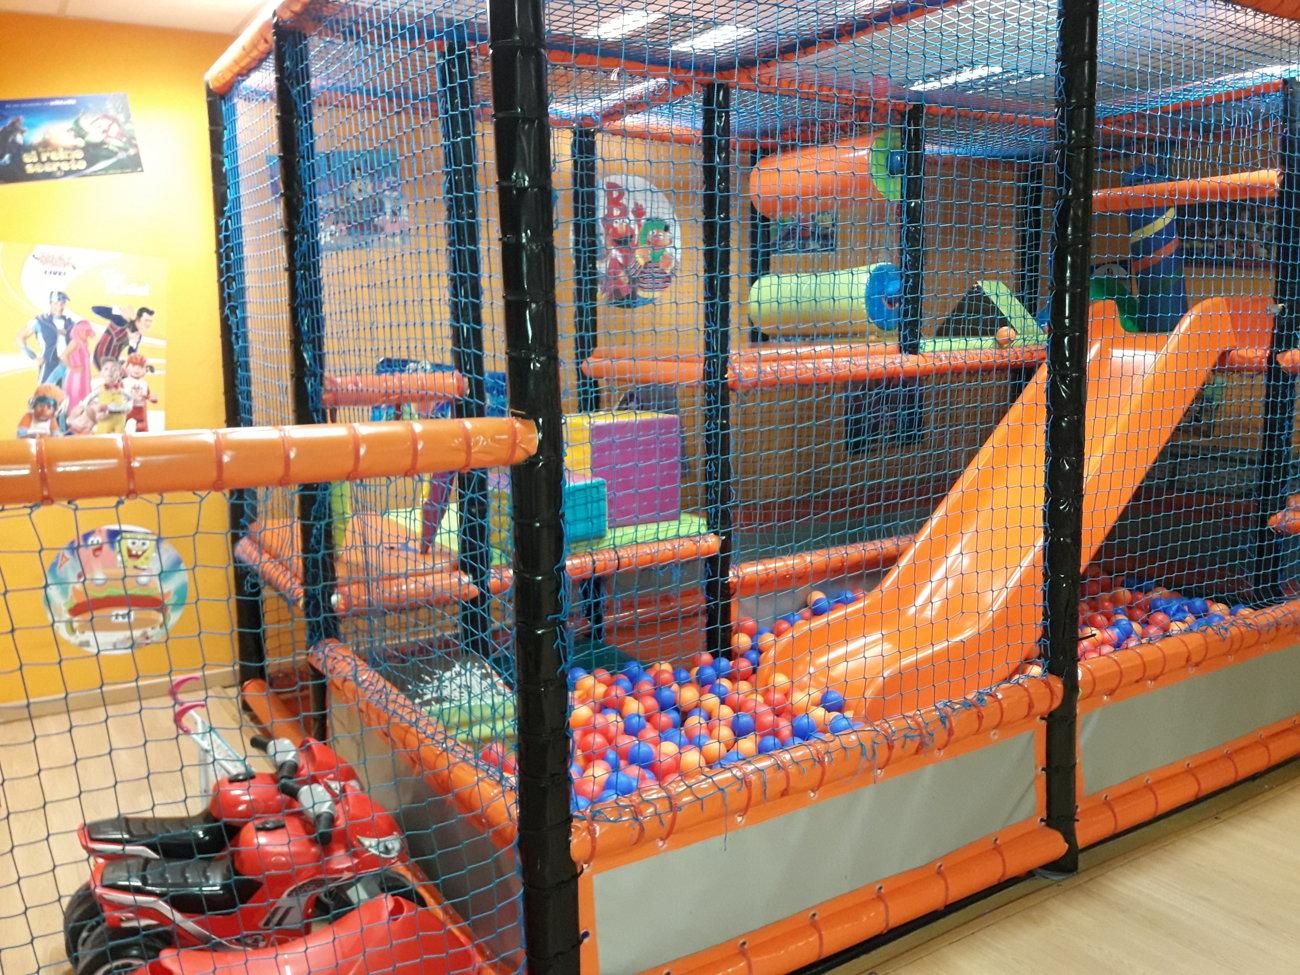 sala para fiestas infantiles horta guinardo